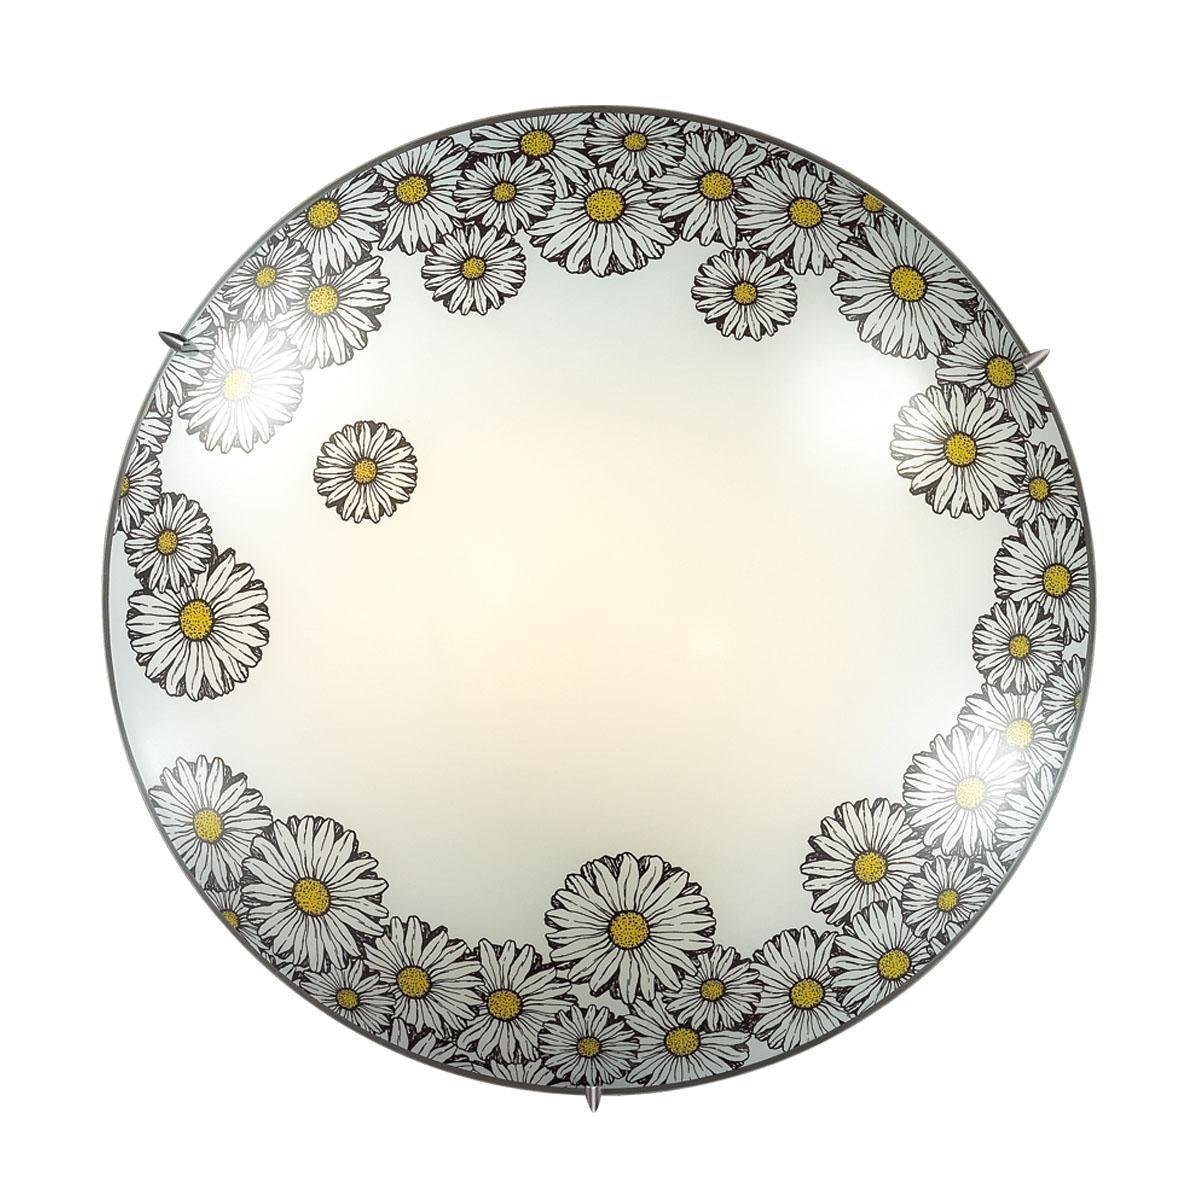 Настенно-потолочный светильник Sonex Mille 3215 настенно потолочный светильник sonex mille 3215